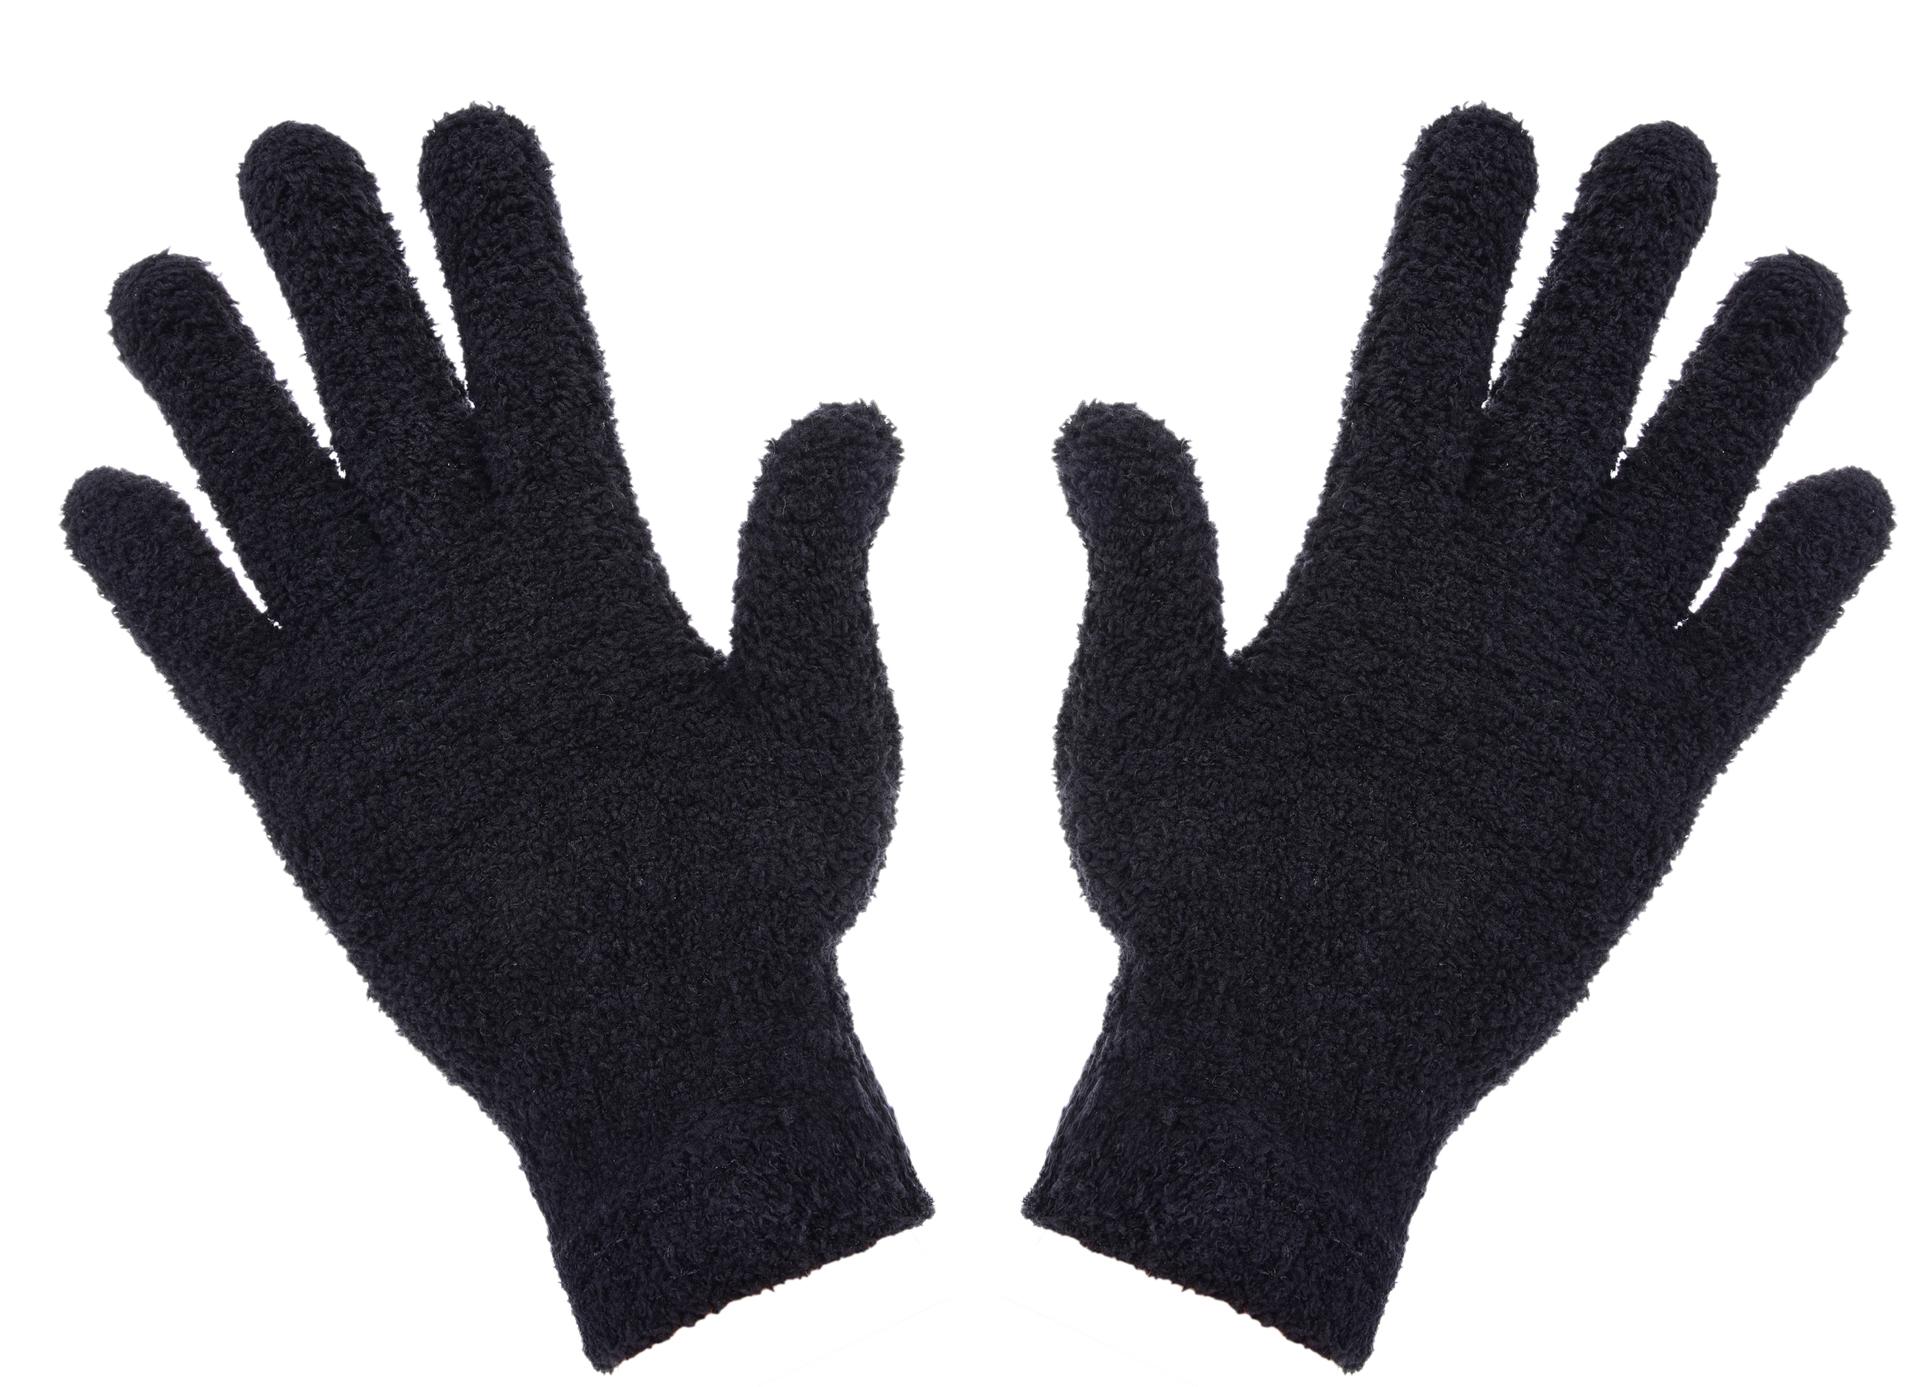 Žinylkové rukavice, hřejivé, černé